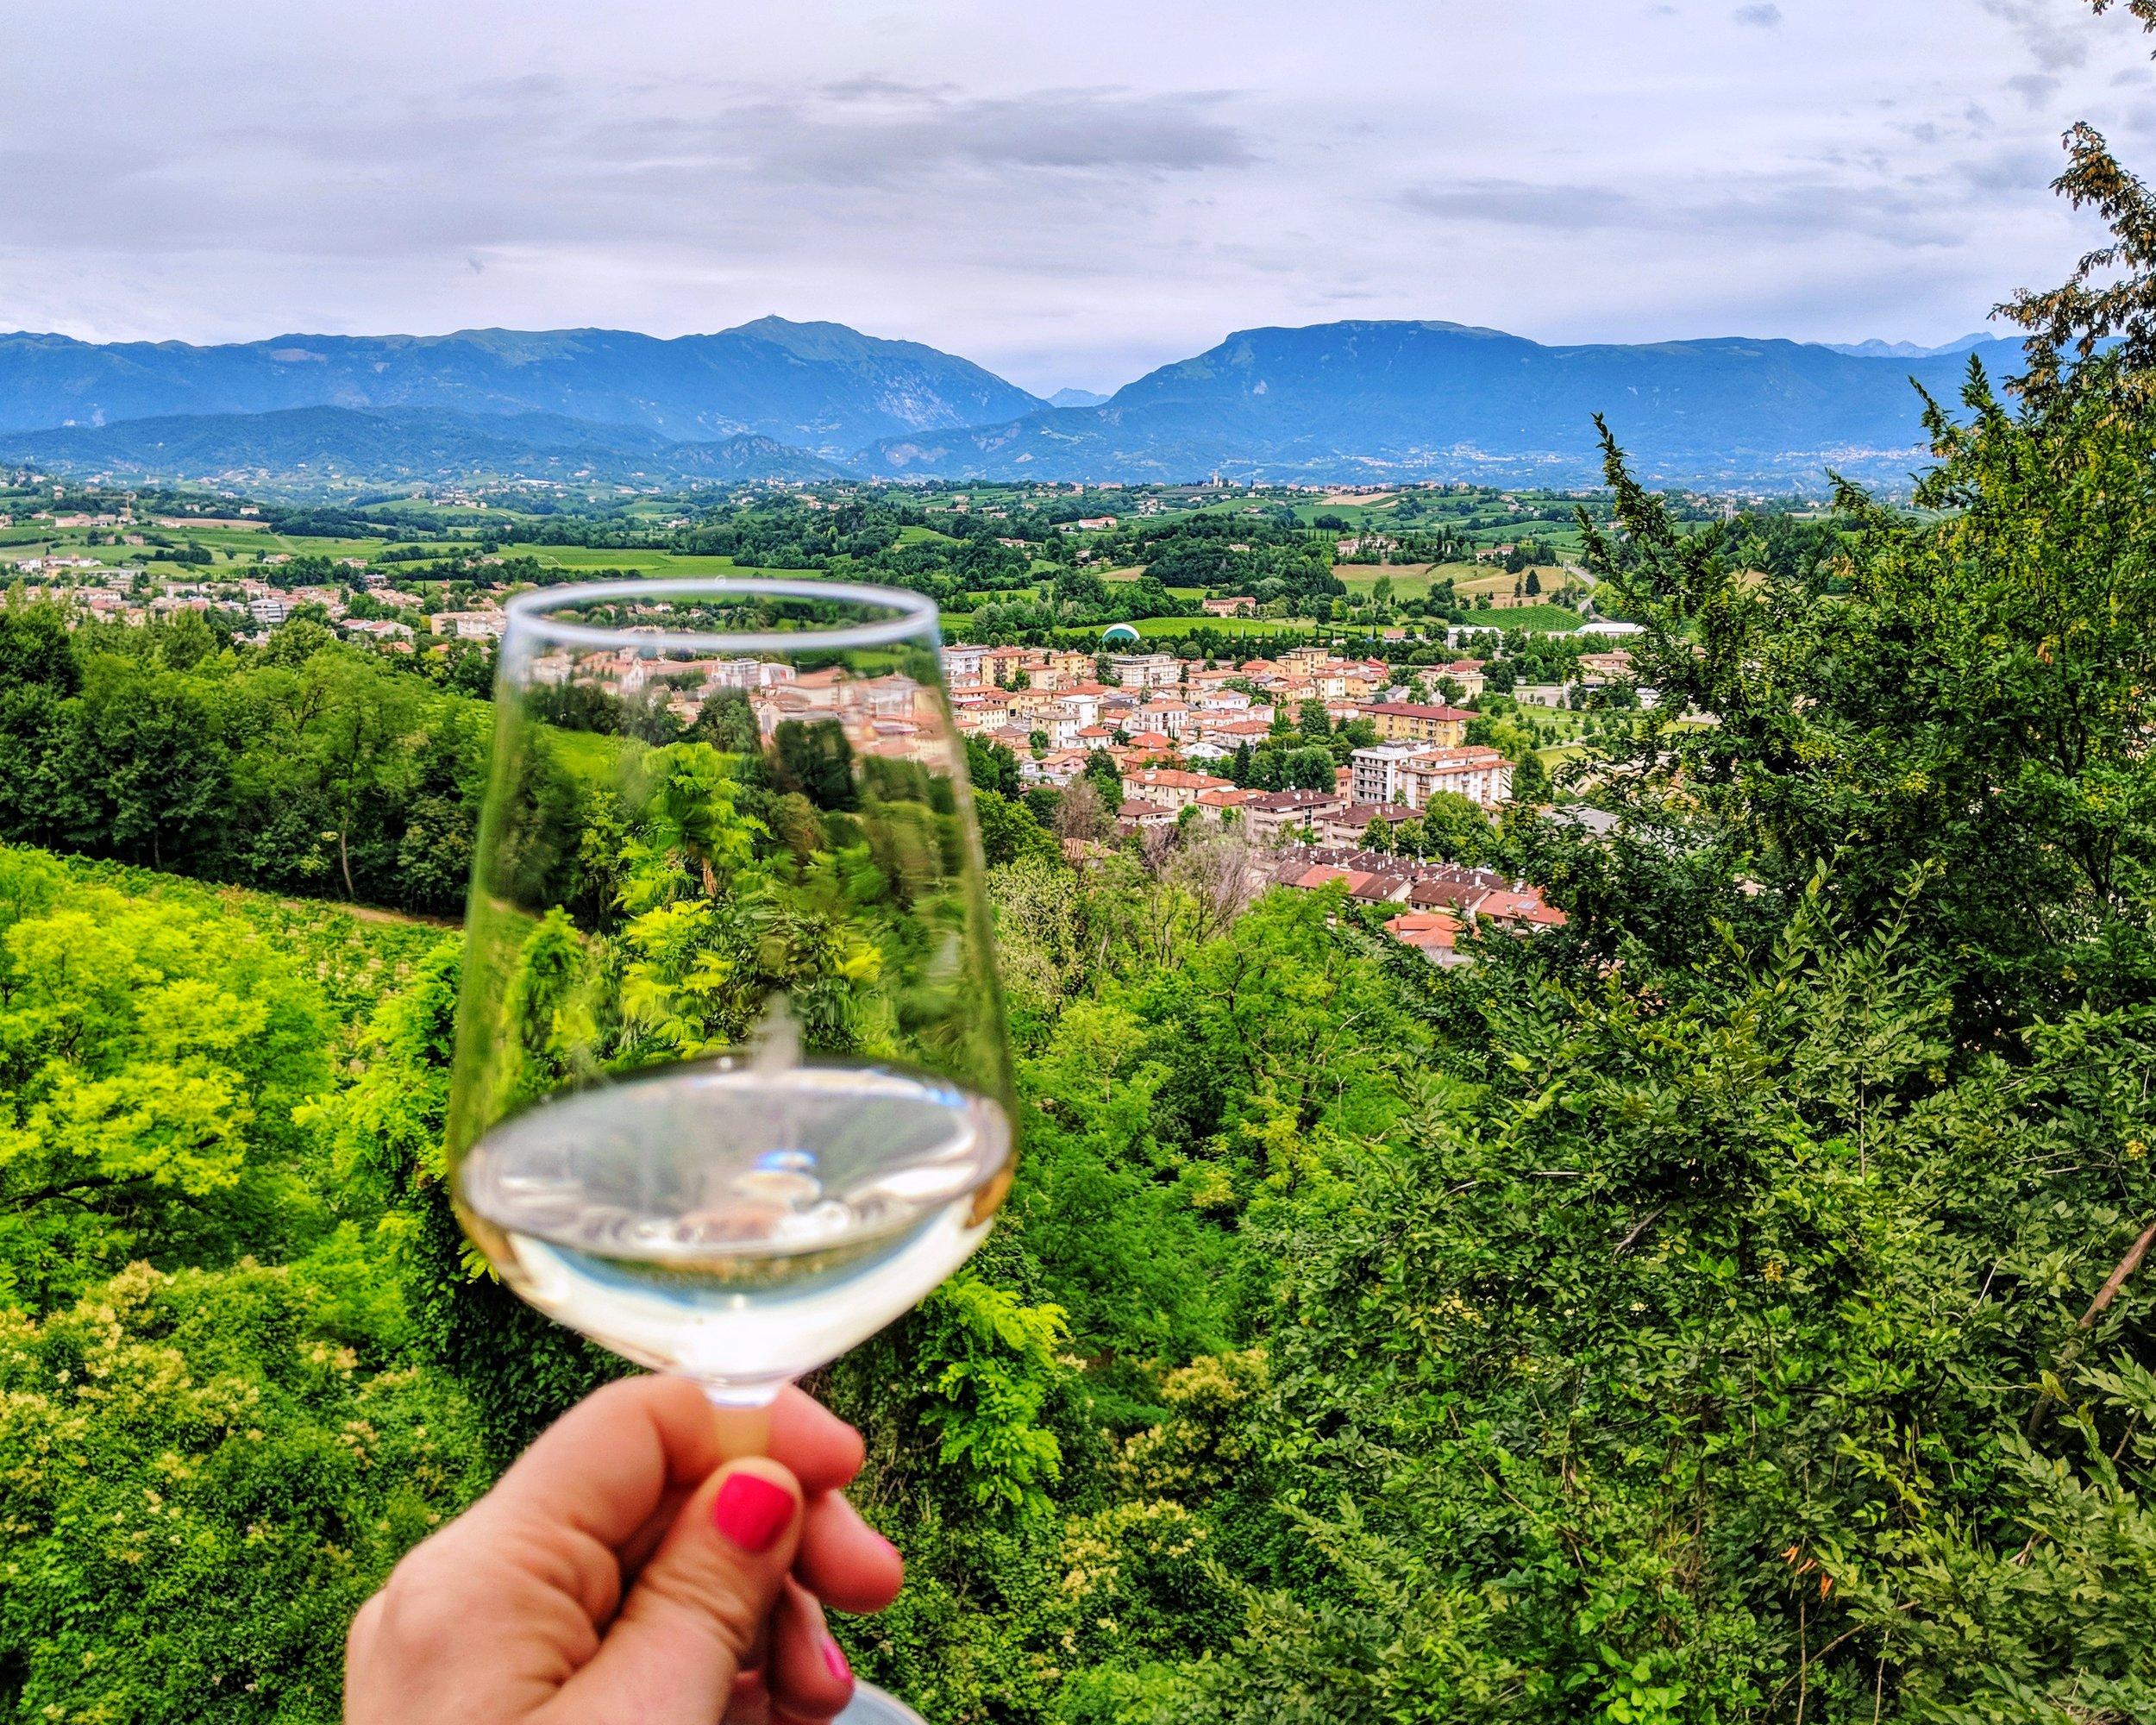 Tasting Prosecco at the top of Valdobiaddene in the Veneto Region of Italy